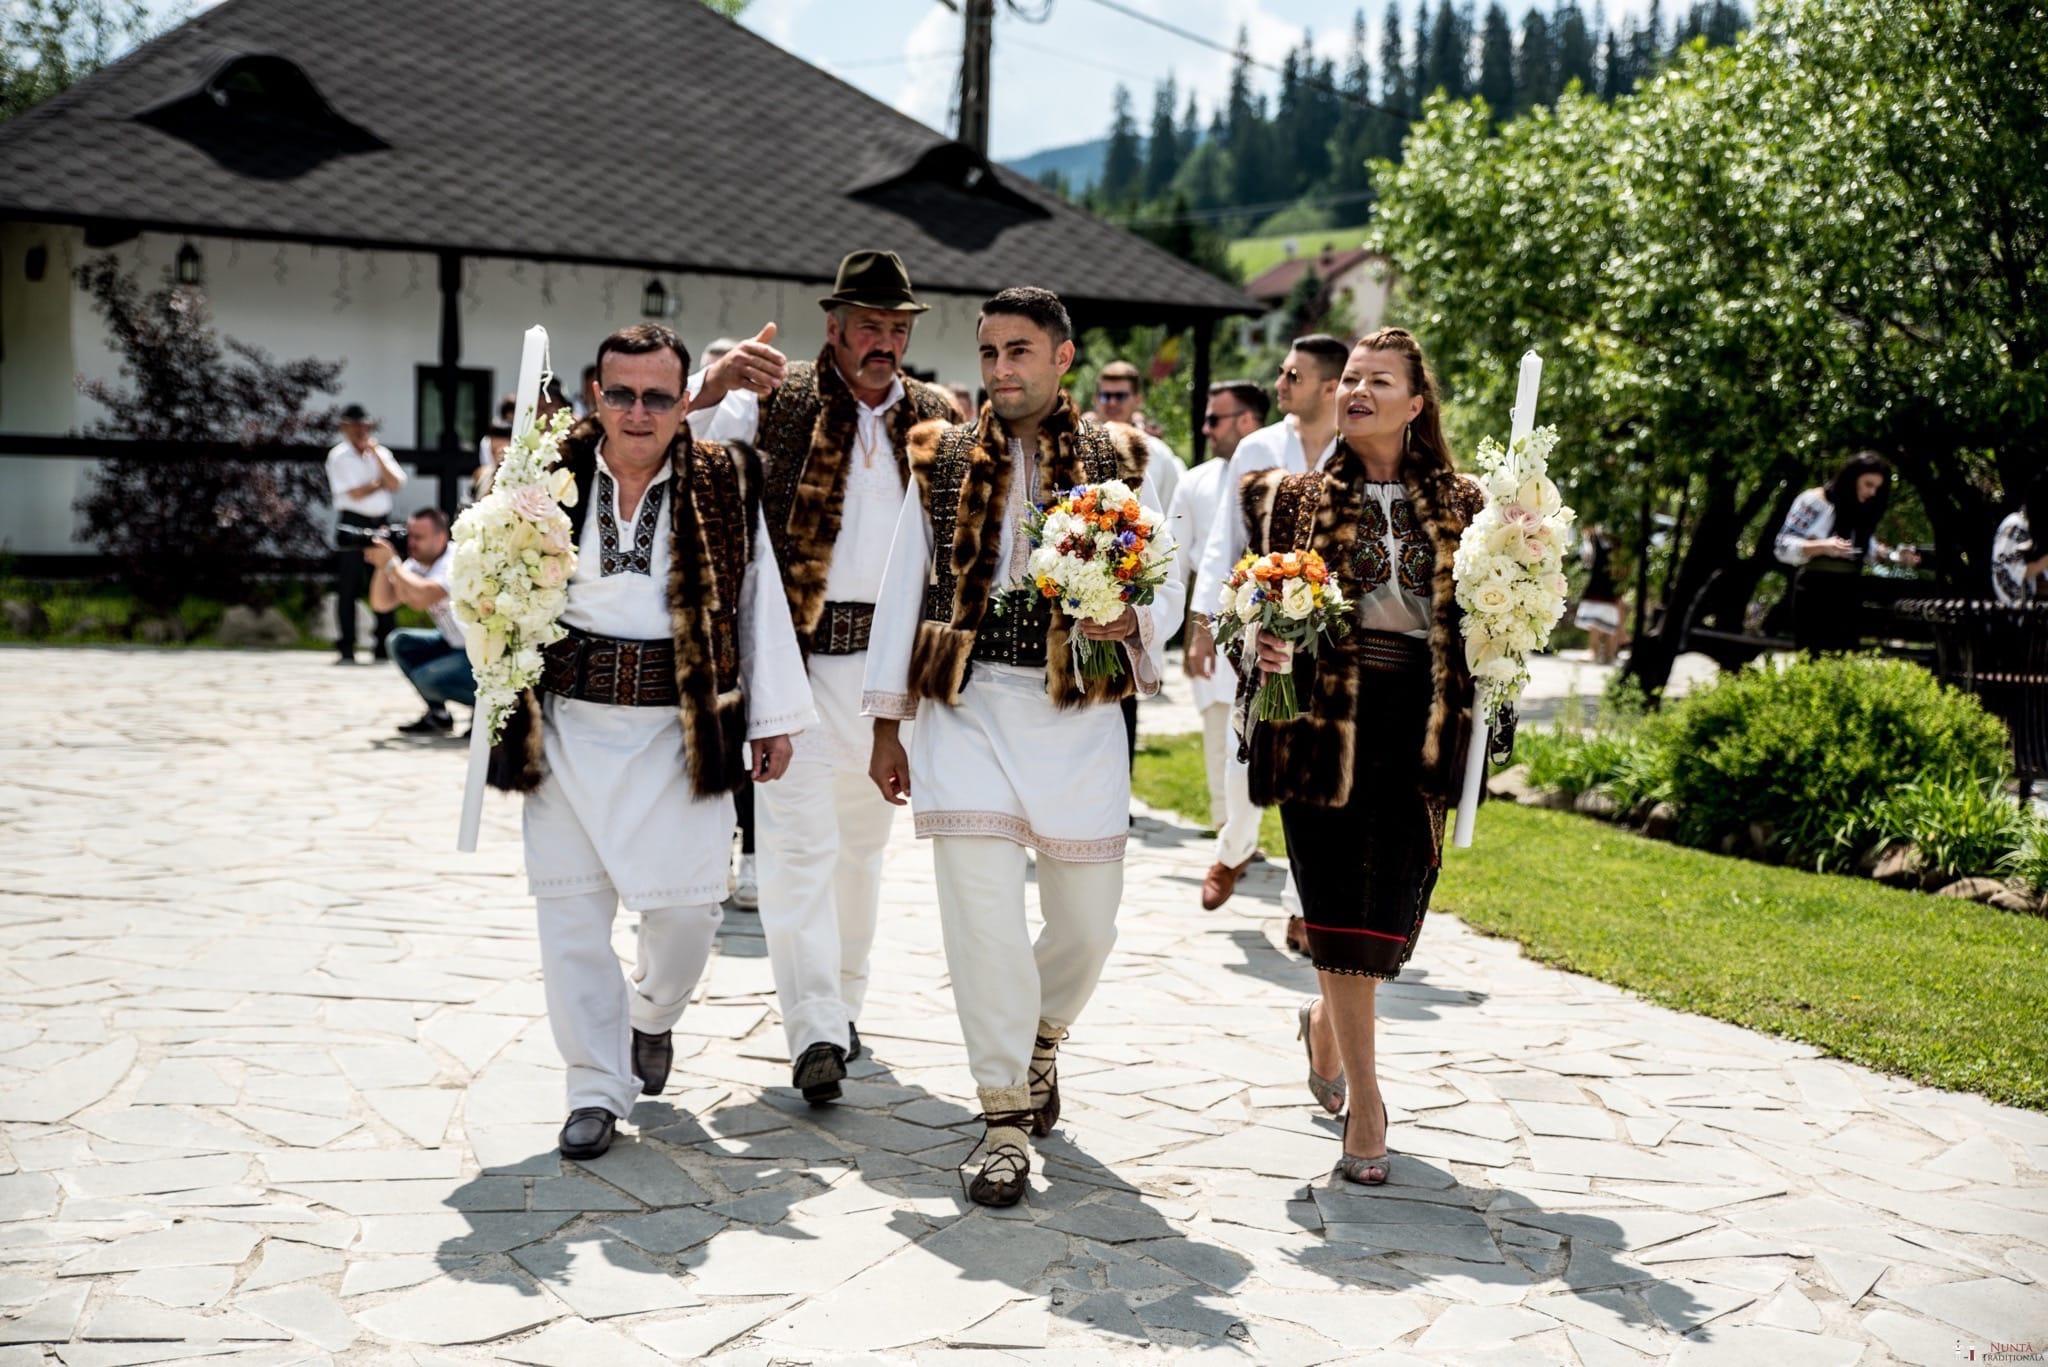 Povești Nunți Tradiționale - Irina și Alexandru, nuntă în Câmpulung Moldovenesc, Suceava 18